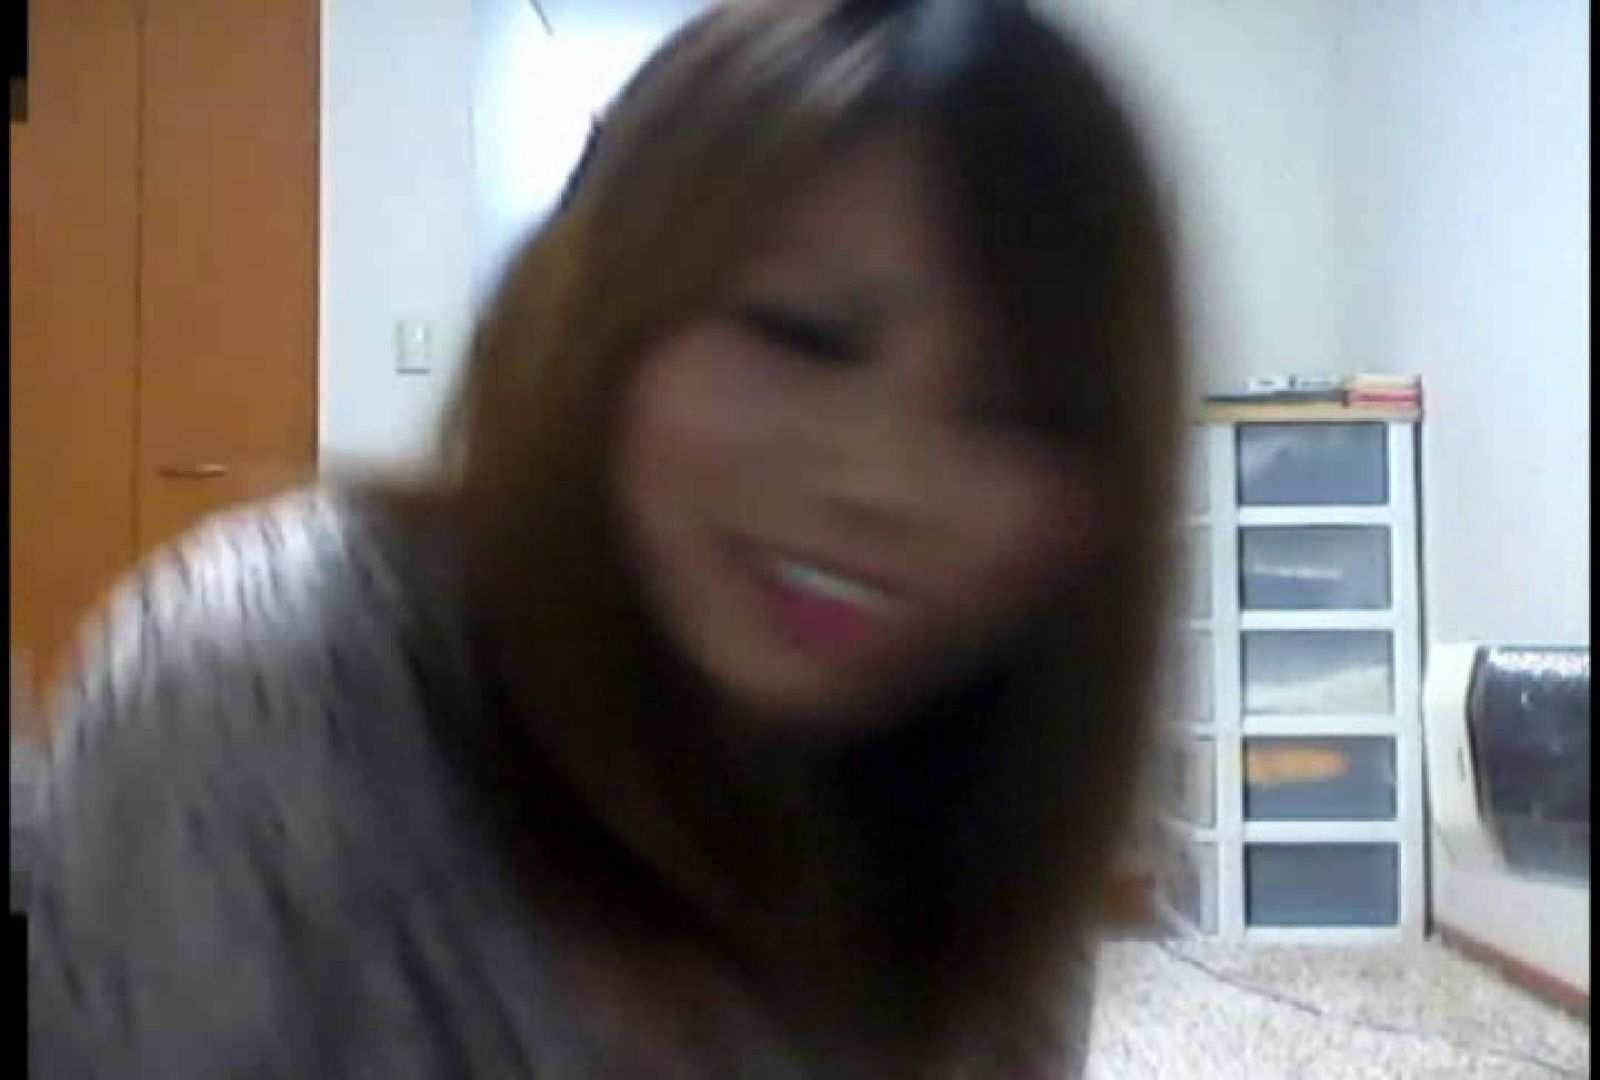 電魔王さんの「盗撮の部屋」No.8 加奈子 盗撮  80PICs 28